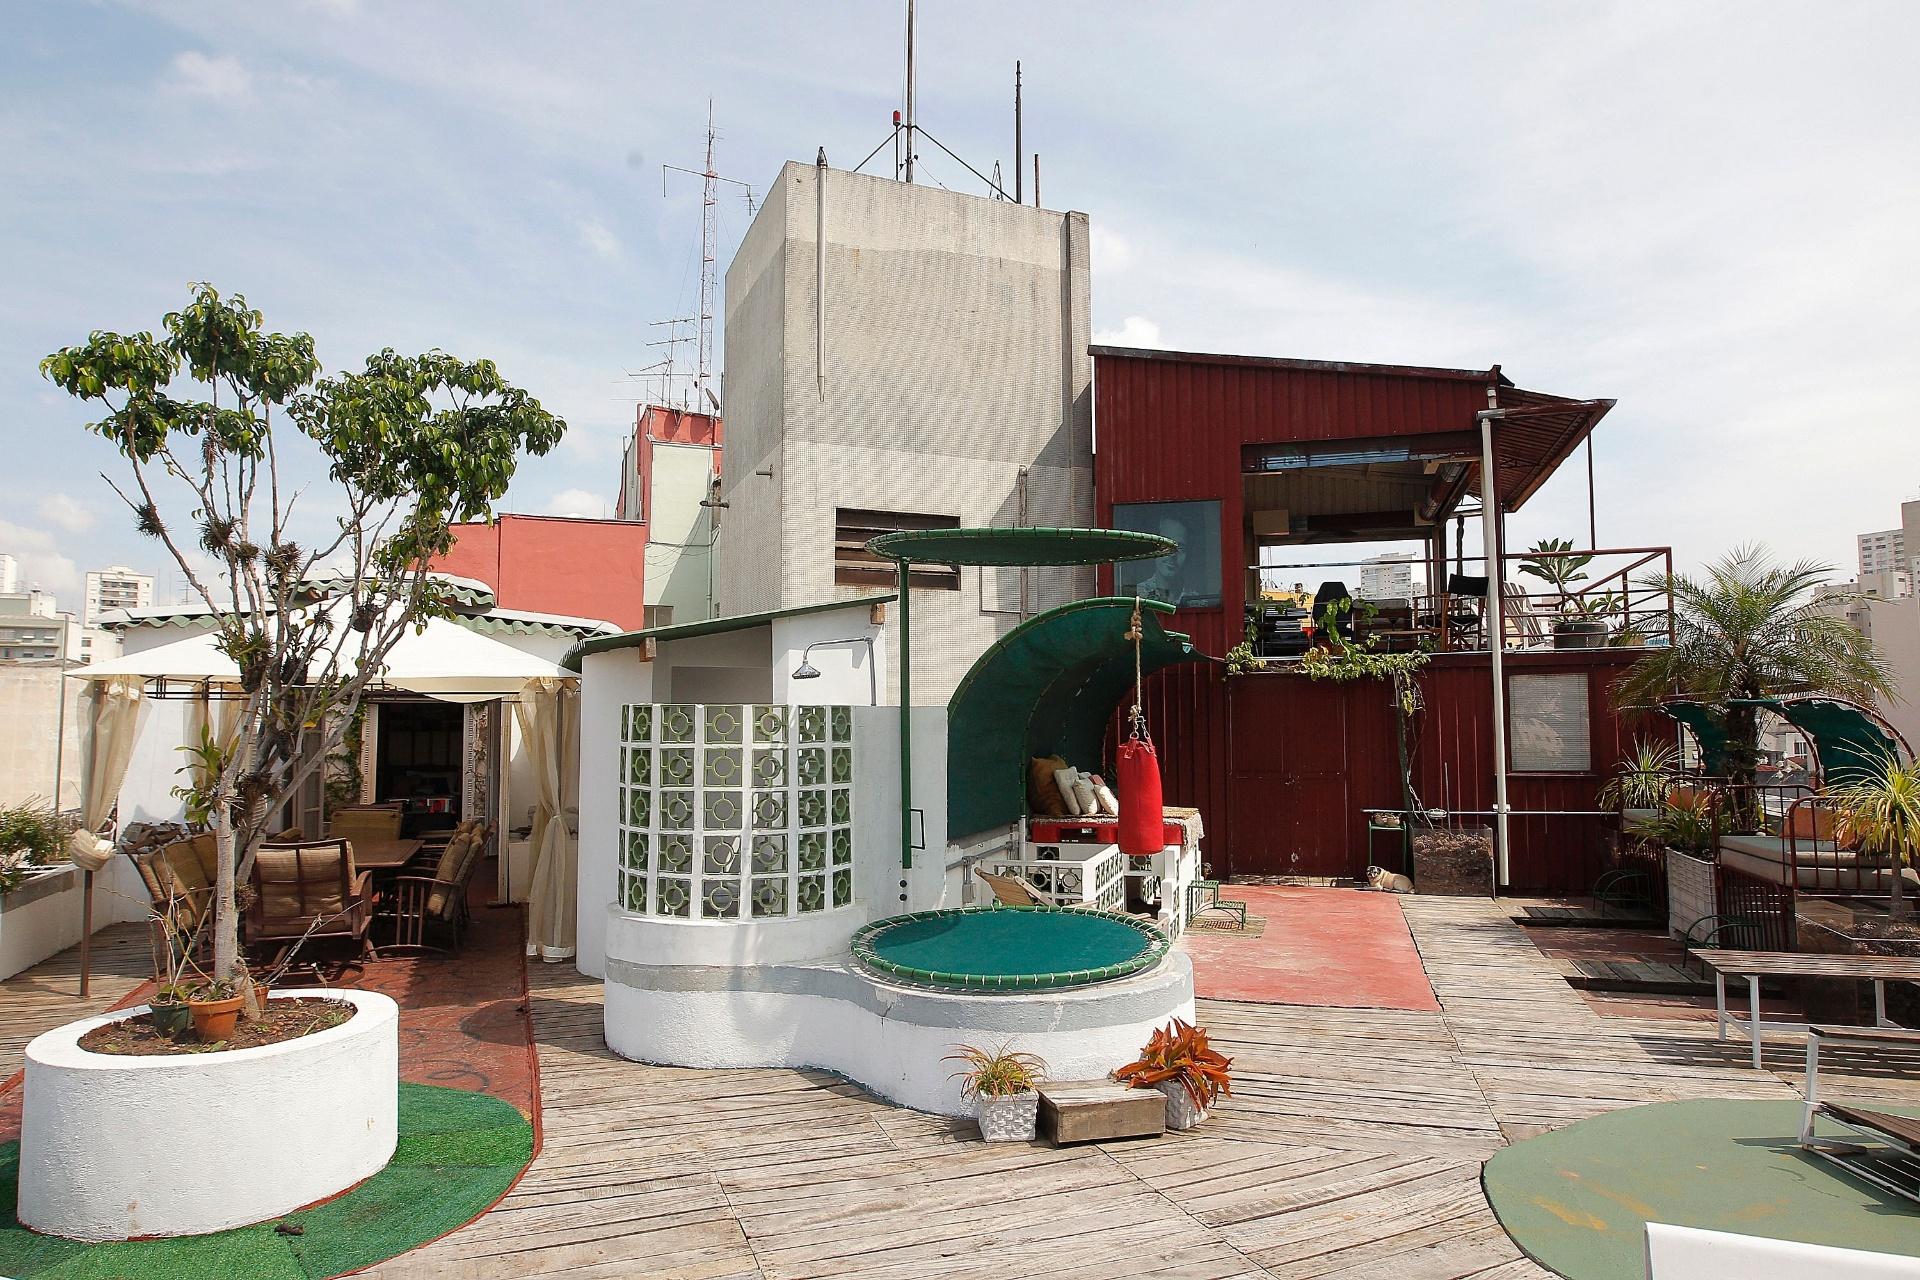 Uma hidromassagem fica coberta com um aro metálico giratório, fechado por tela e serve (também) para armazenar água da chuva, usada na lavagem da área externa e na rega das plantas. O aro superior também é giratório e serve para sombrear o chuveiro, ao lado, protegido pela parede composta por cobogós. O apartamento do ator Nico Puig fica em São Paulo